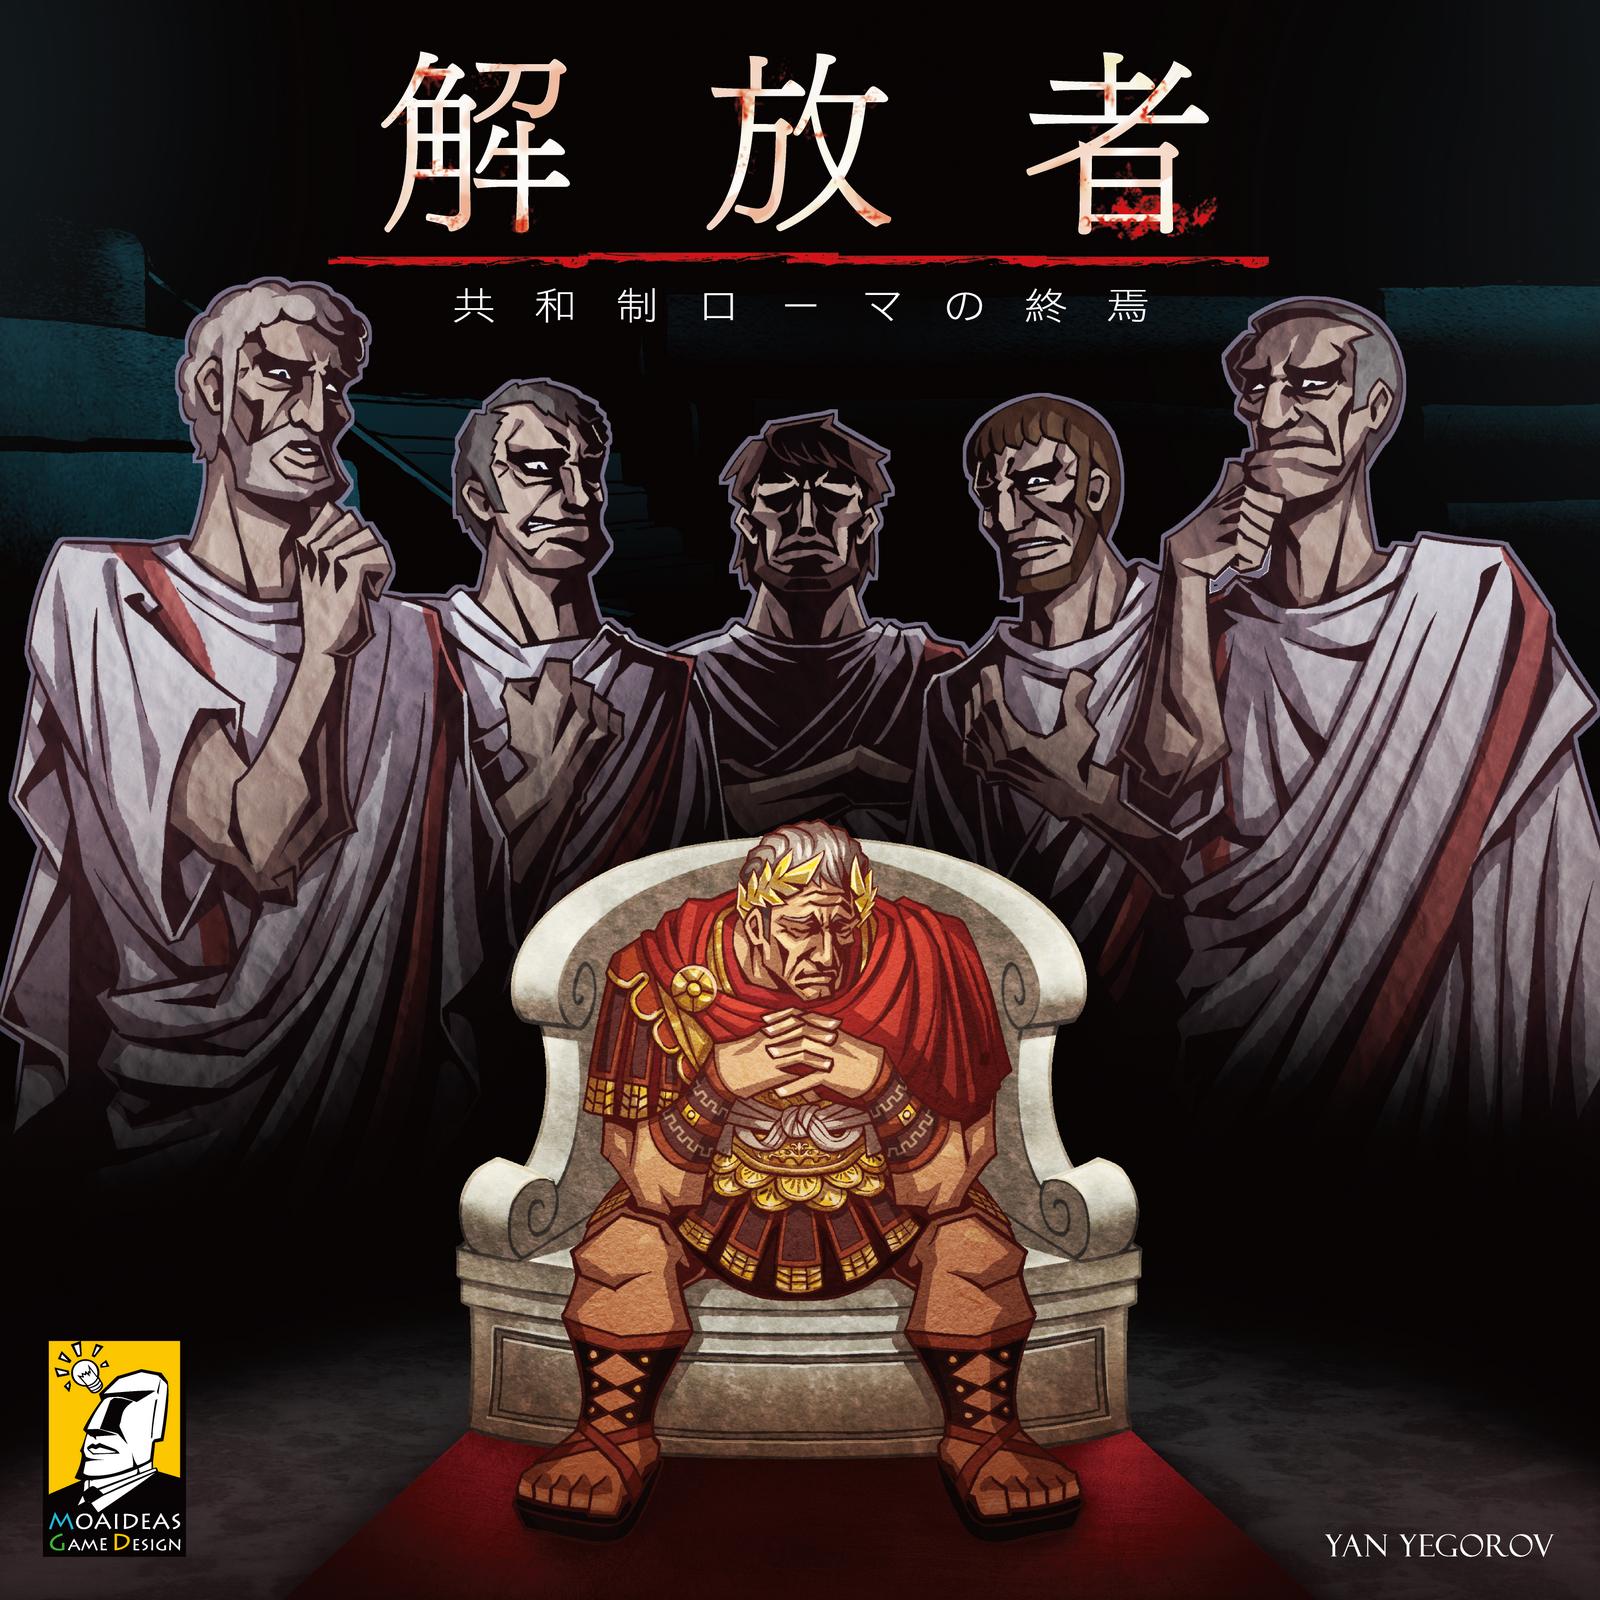 ローマ 共和制 【ローマ】共和制から神聖が無くなるまで